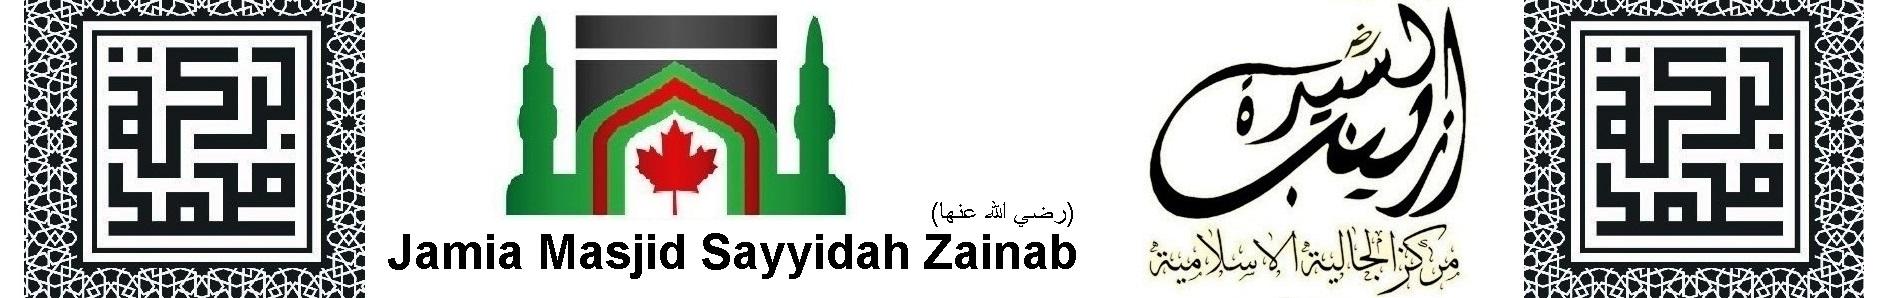 Jamia Masjid Sayyidah Zainab (RA)